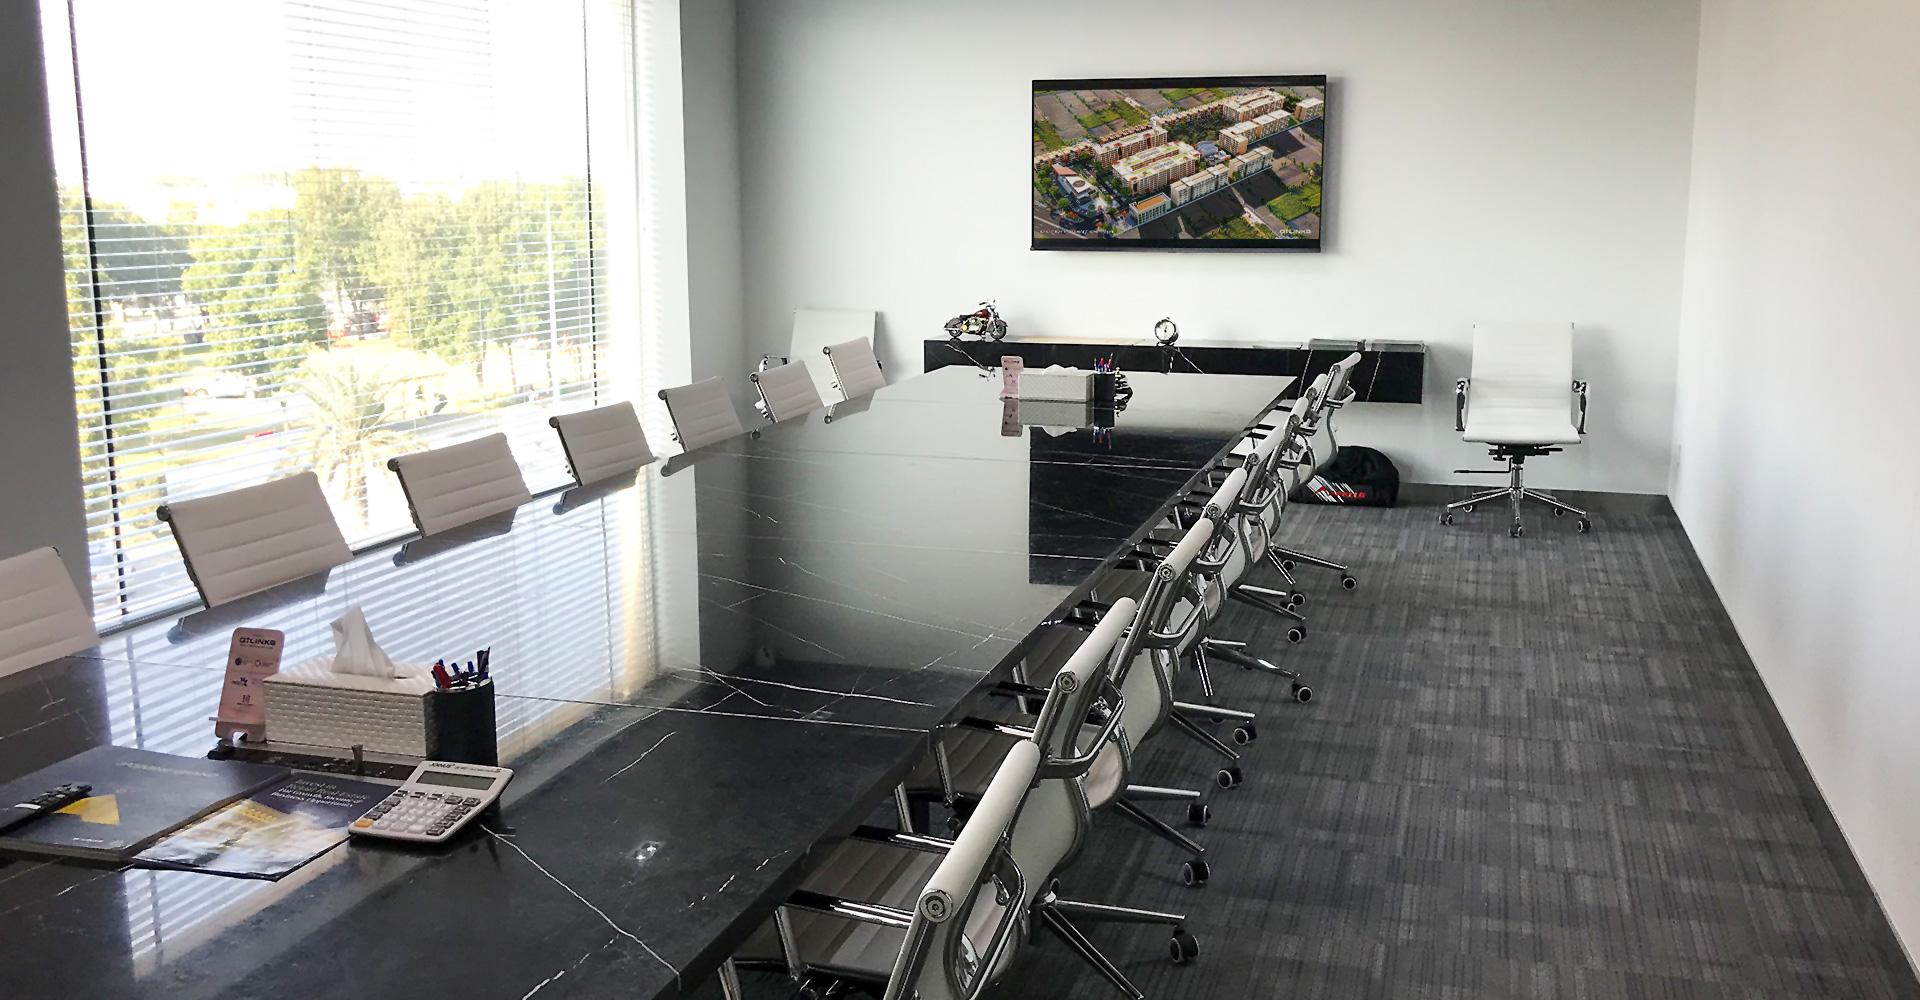 Office-Design-Hiline-Lahore-portfolio-Qlinks-Head-Office-03